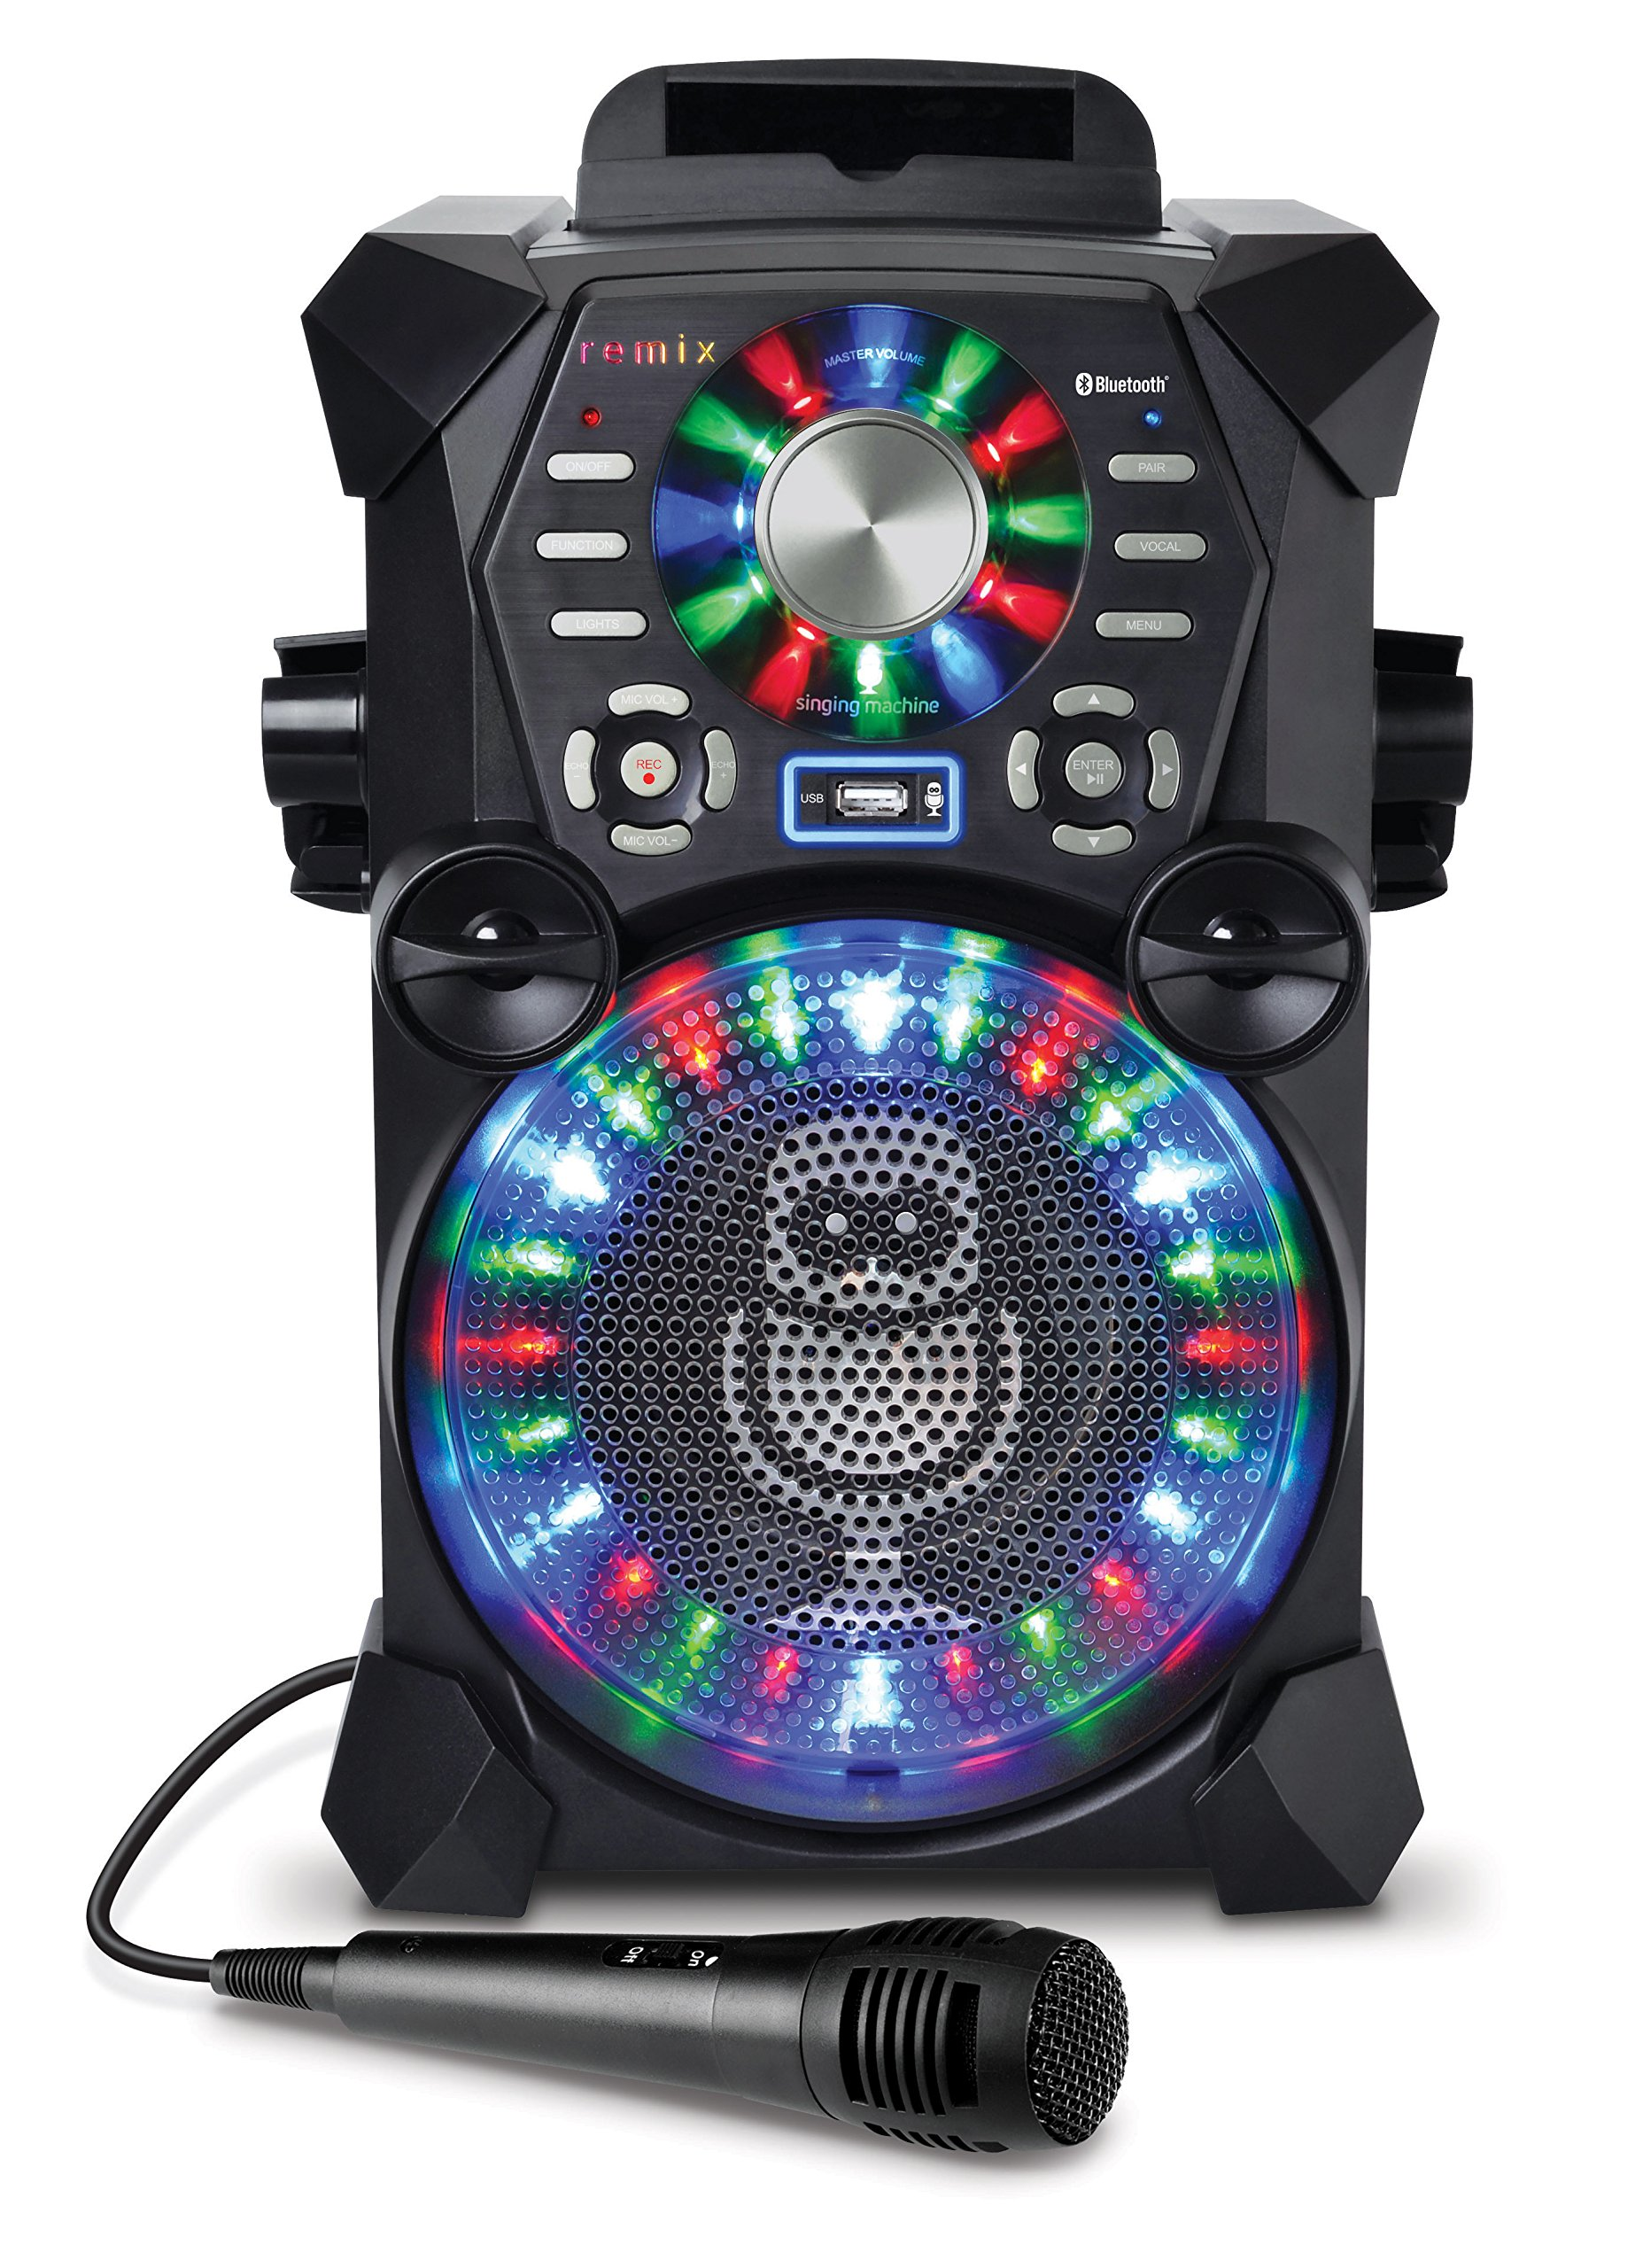 Singing Machine SDL485BK Remix Hi-Def Digital Karaoke System with Resting Tablet Cradle, Microphone, Black